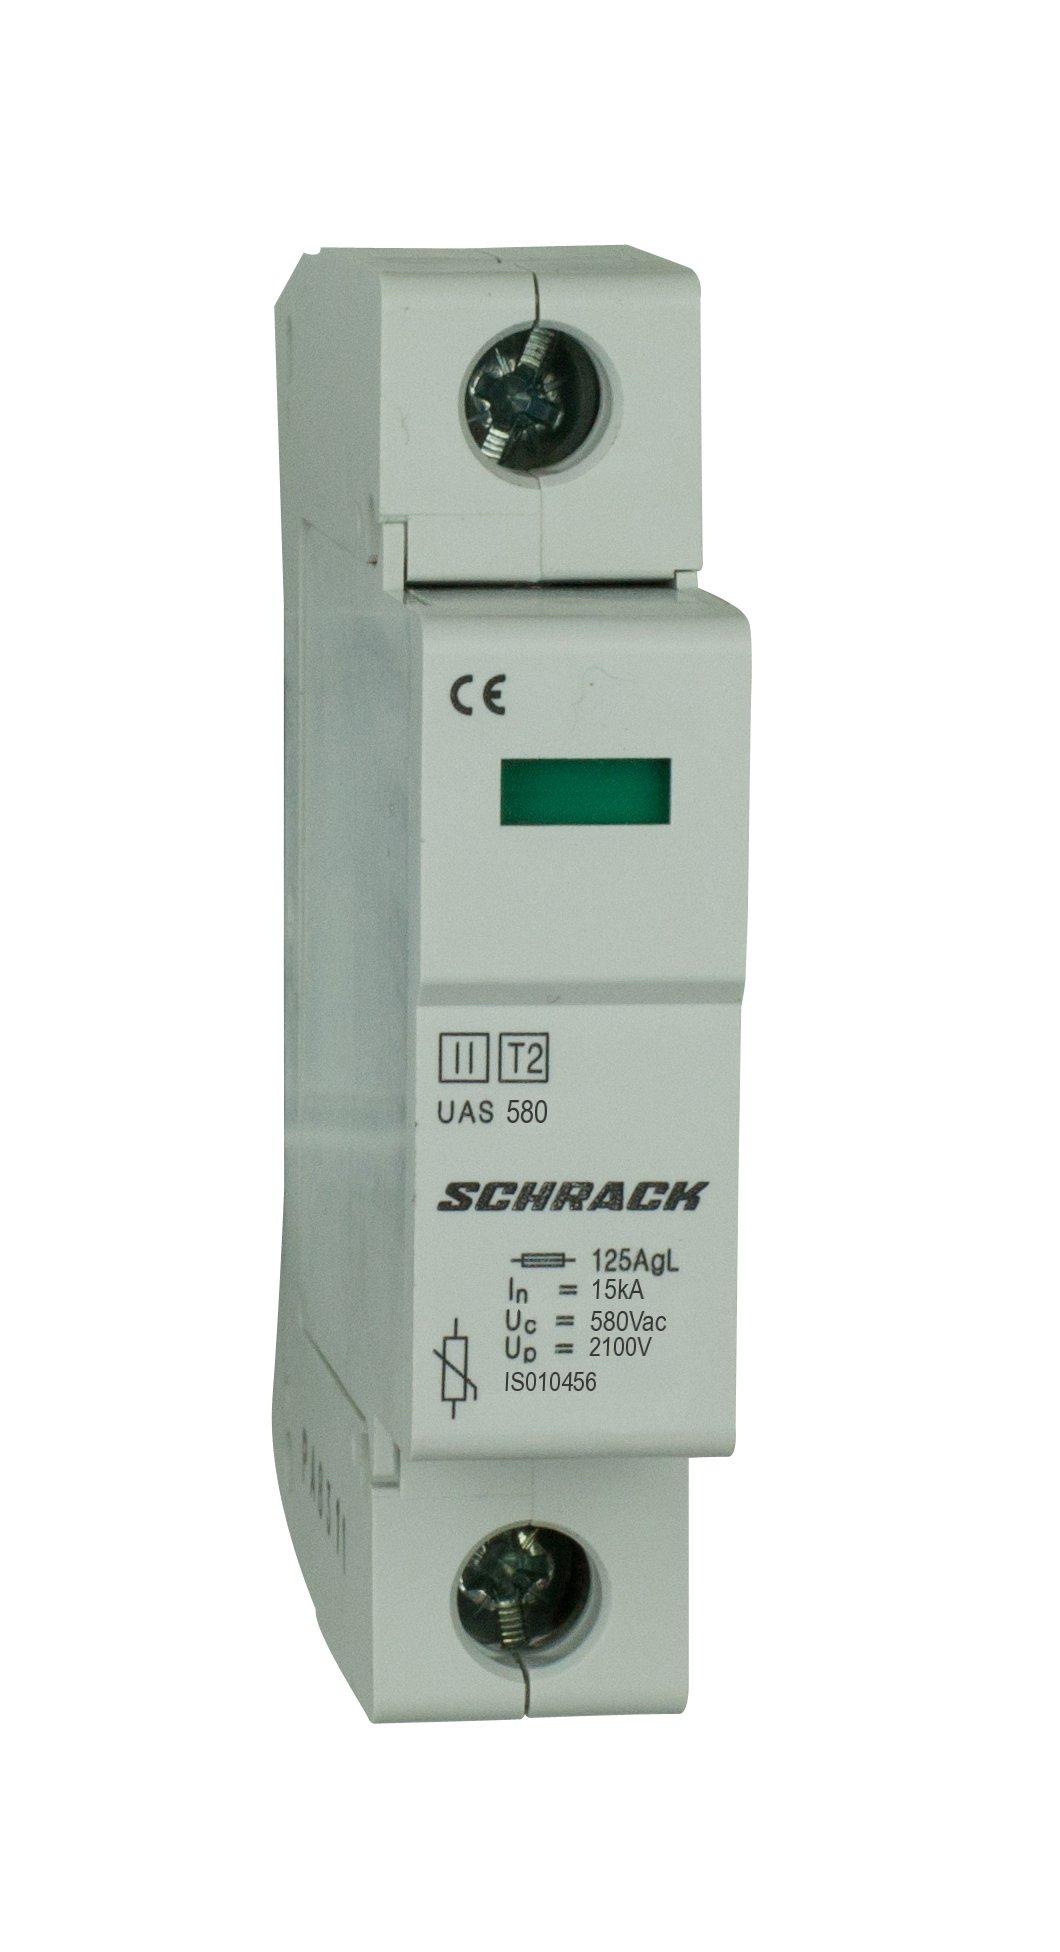 1 Stk T2/C - Ableiter komplett, 1p, 20kA/580V - Serie UAS IS010456--